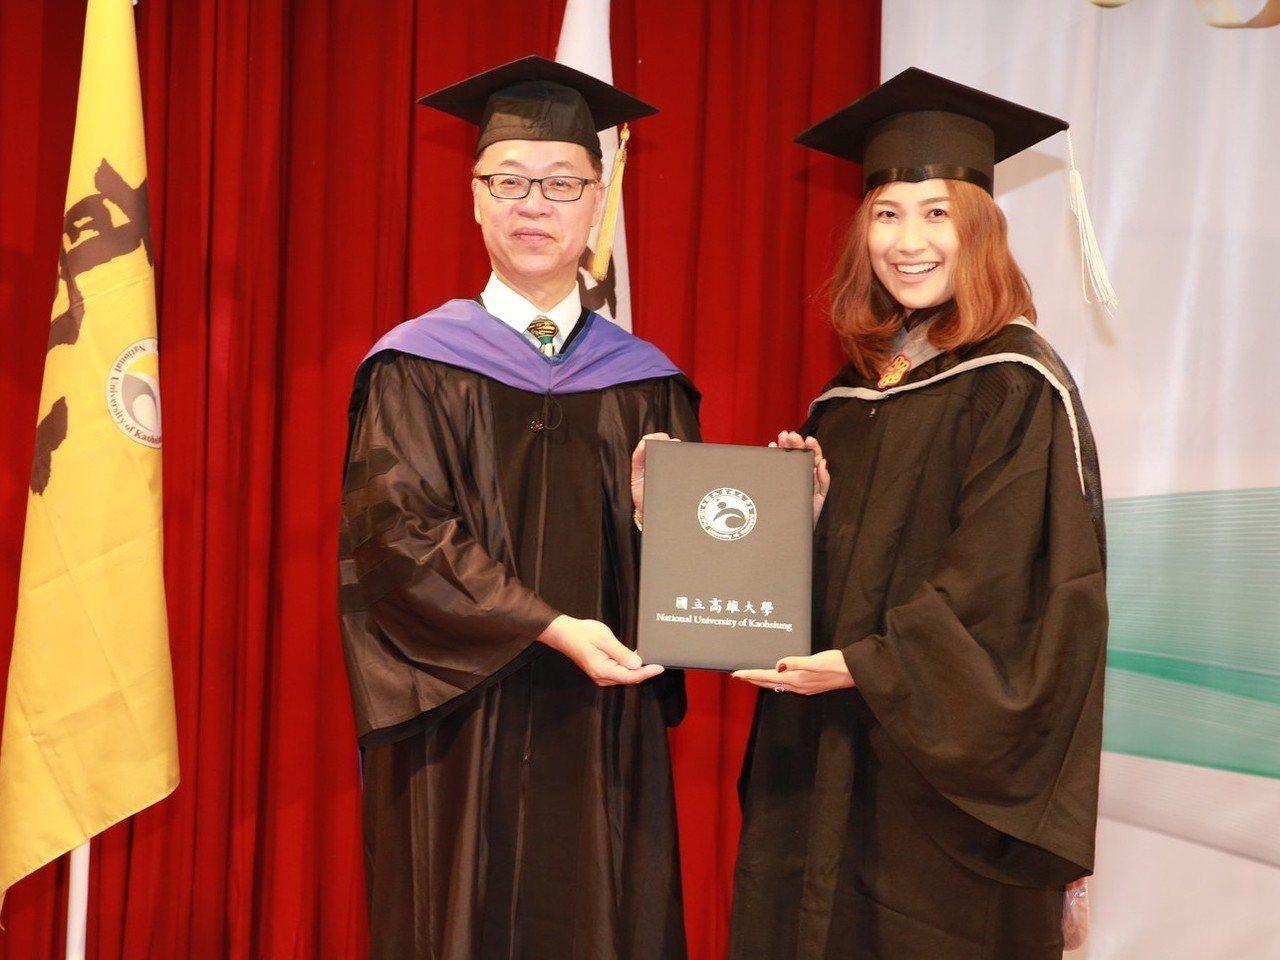 高雄大學校長王學亮(左)頒授學位給泰籍空姐陳美珠(右),取得高大、蘭實雙聯碩士學...